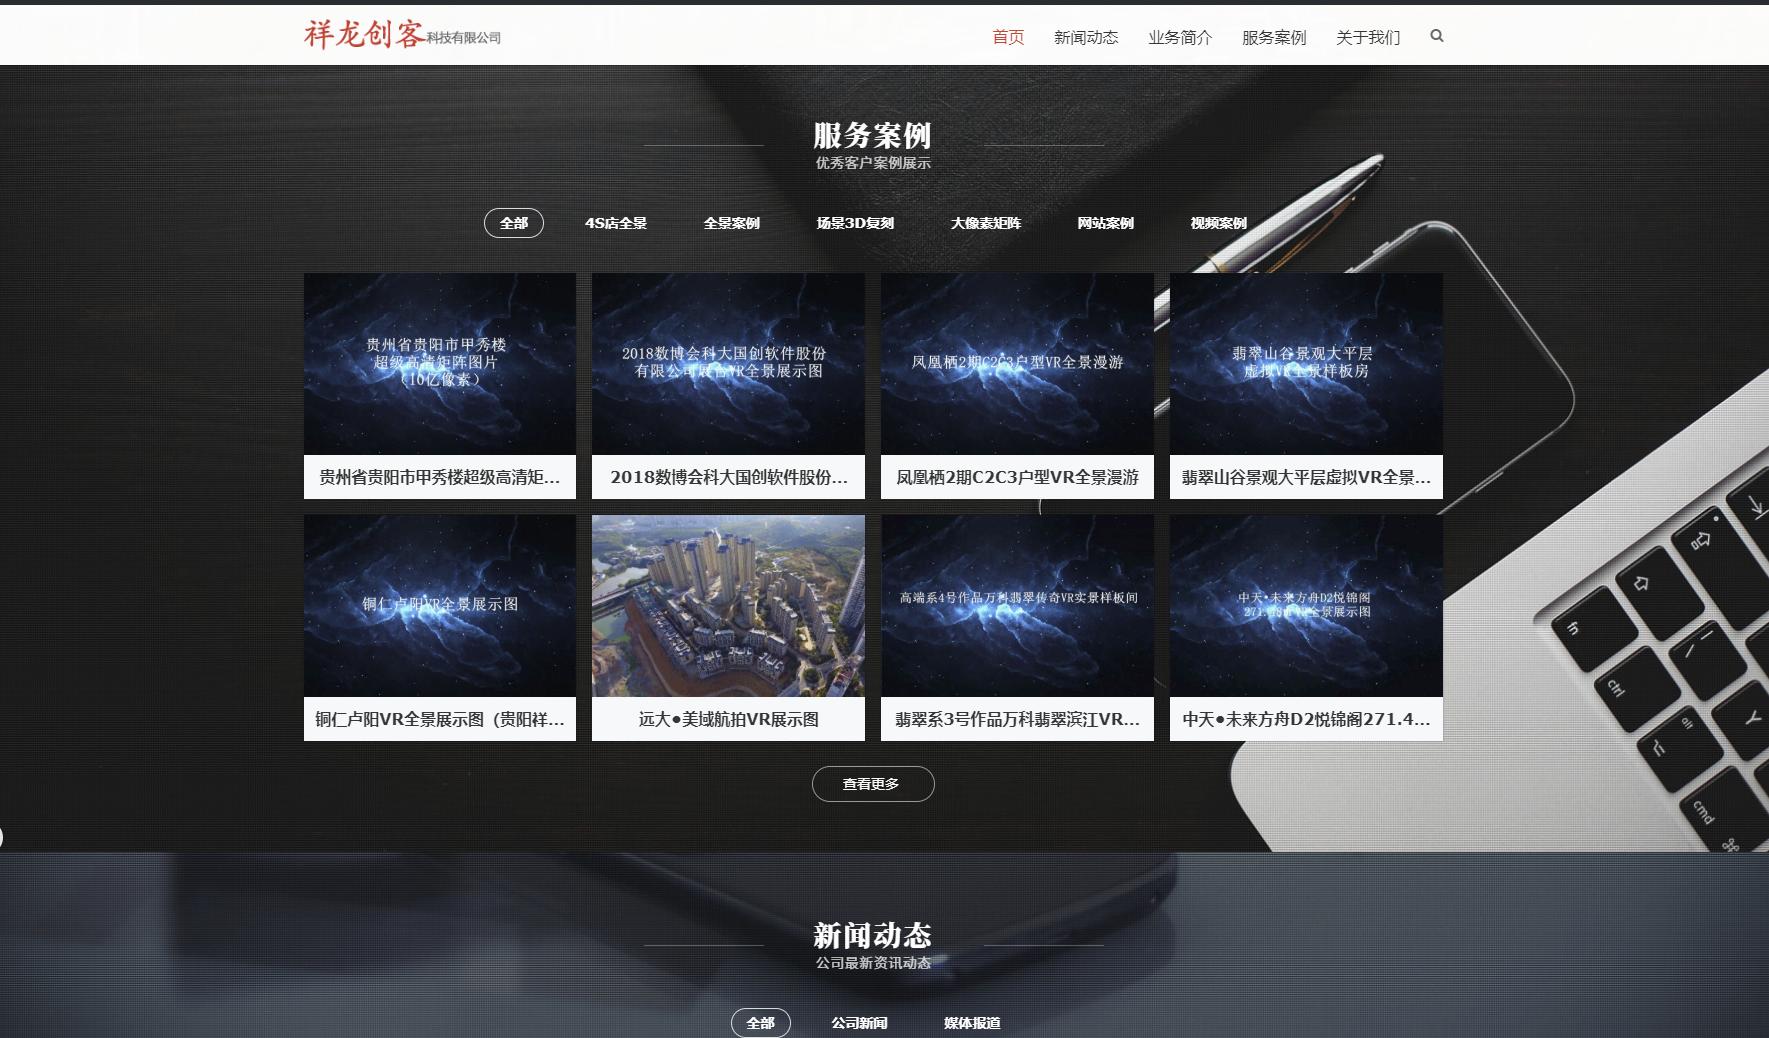 如何制作像素毛玻璃效果?网页大图呈像素毛玻璃效果PS教程